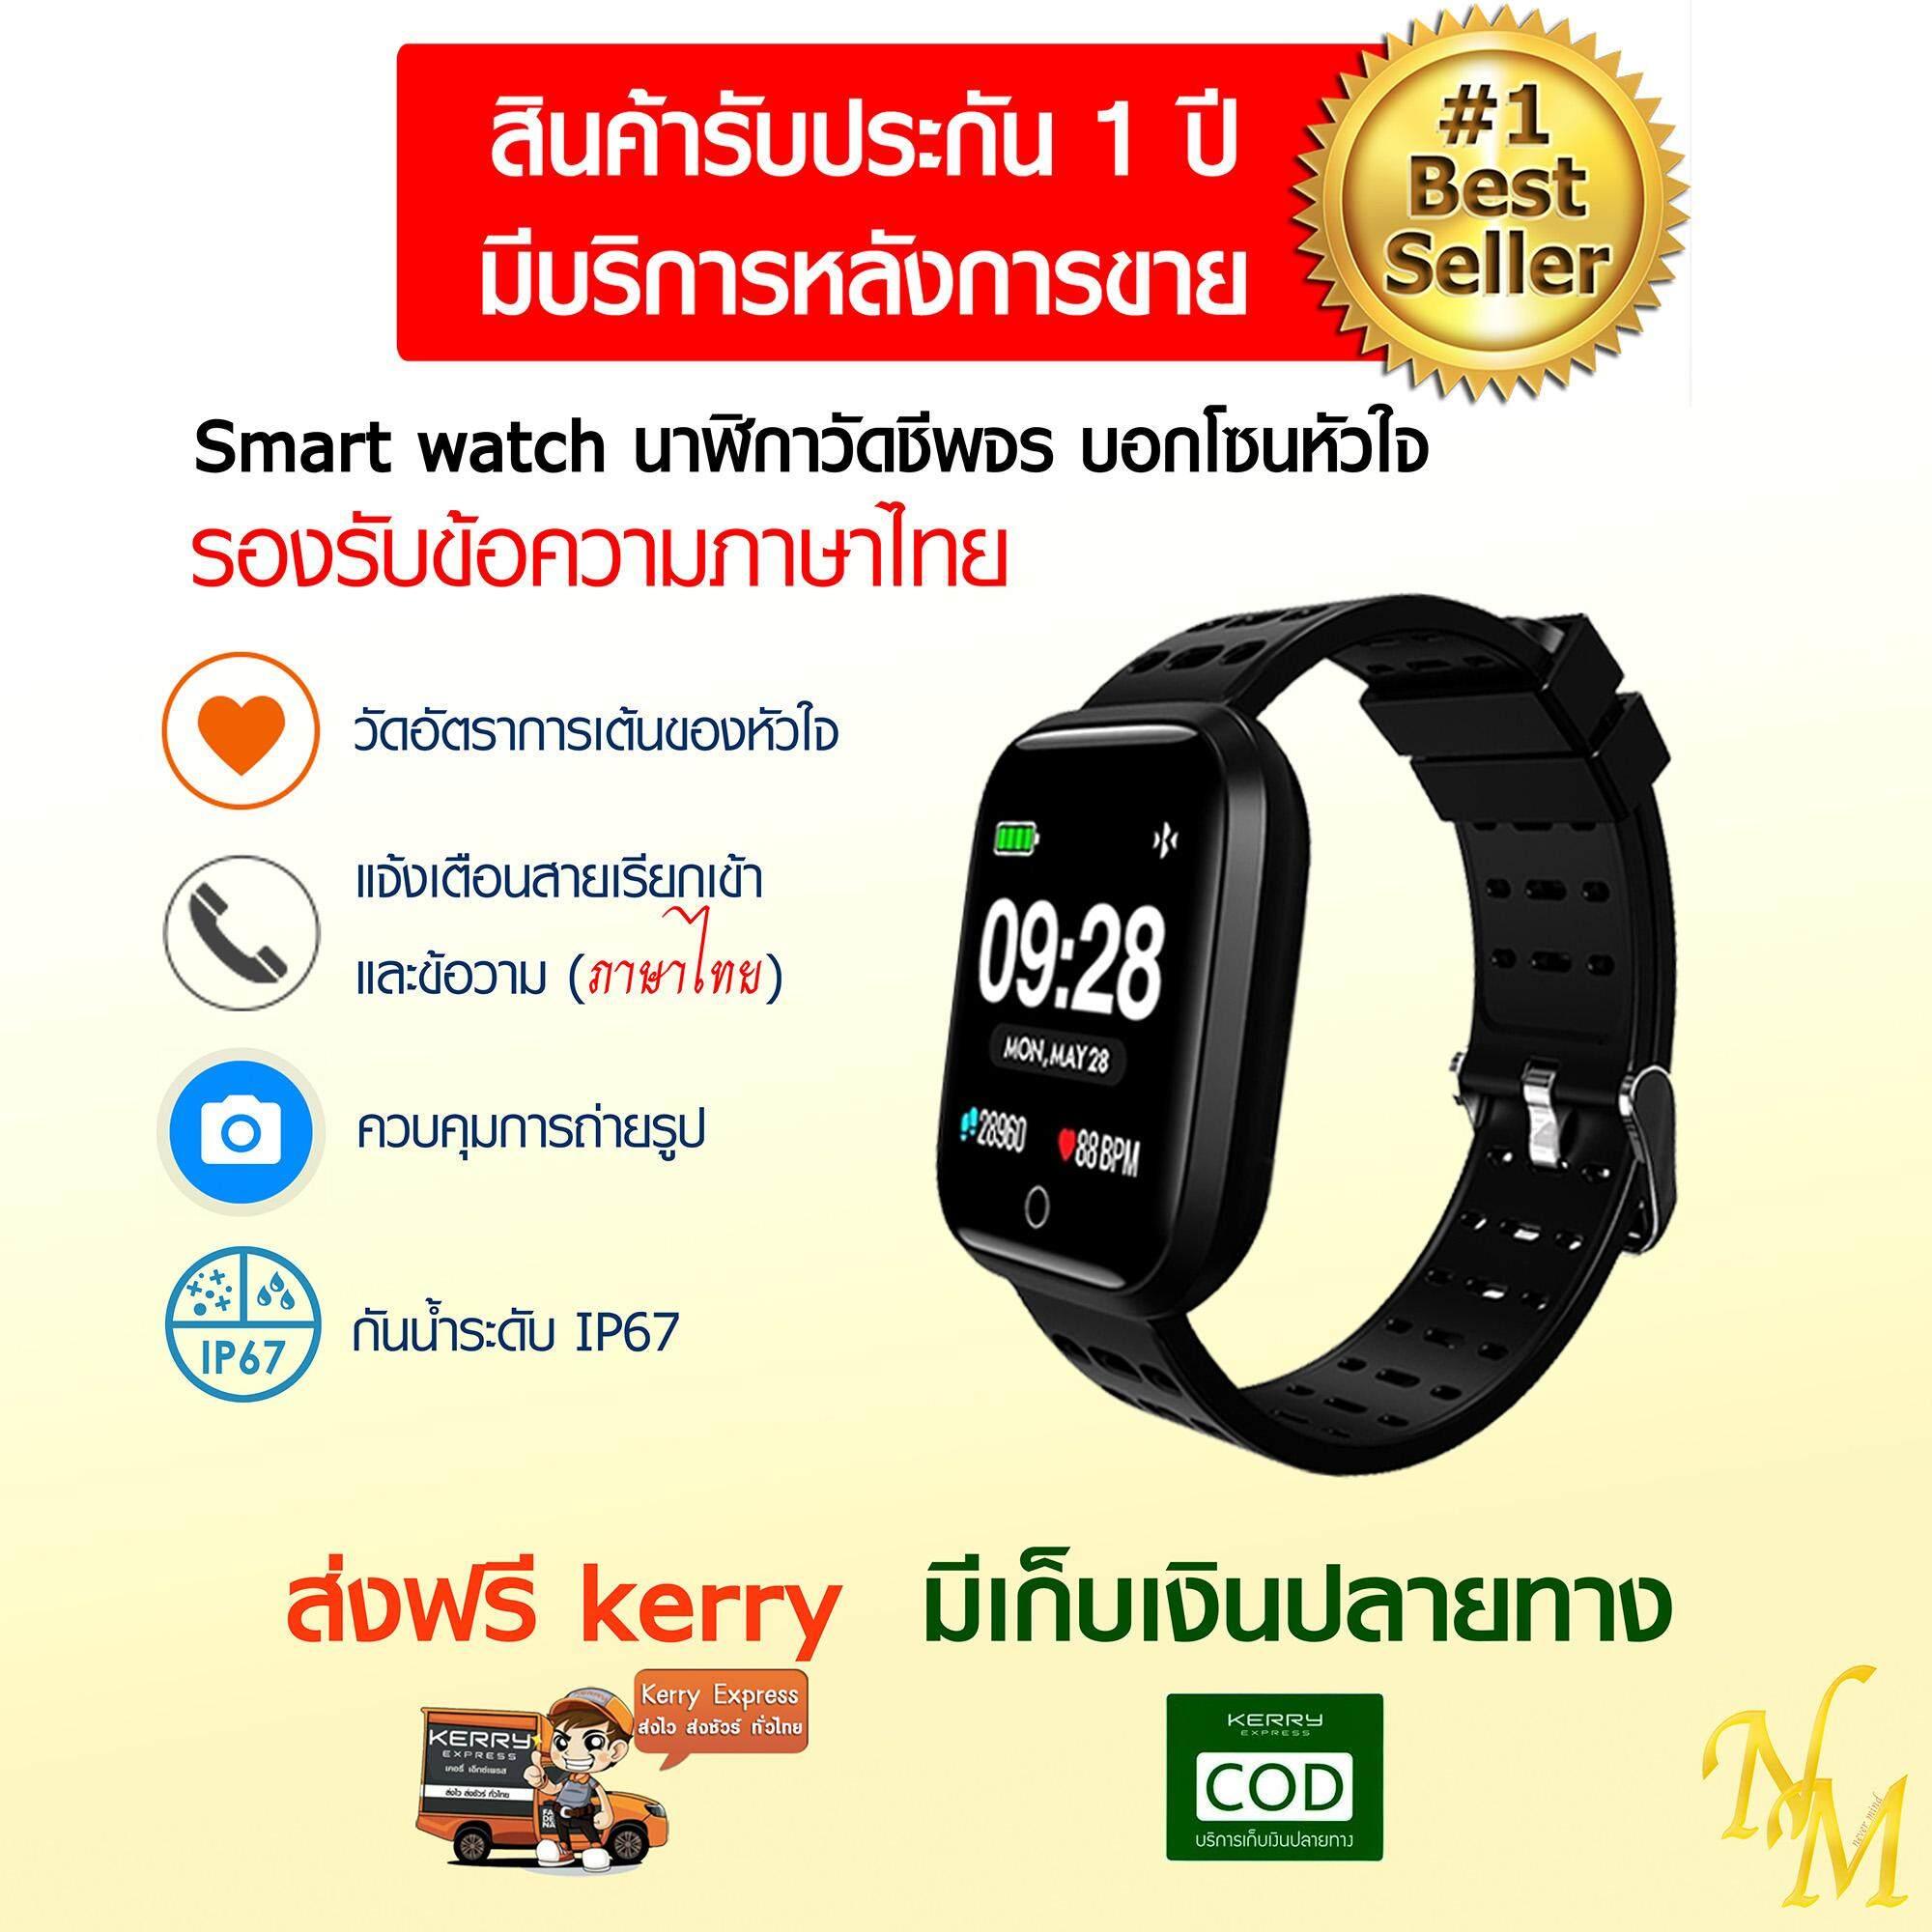 (((((ของแท้100% รีวิวเยอะมาก ส่งจริง ส่งไว รับประกัน 1 ปี ส่งฟรีKERRY มีเก็บเงินปลายทาง))))) Smart watch รองรับการใช้งานภาษาไทยได้ มีบริการหลังการขาย    นาฬิกาวิ่ง นาฬิกาจับชีพจร วัดชีพจร นาฬิกาออกกำ